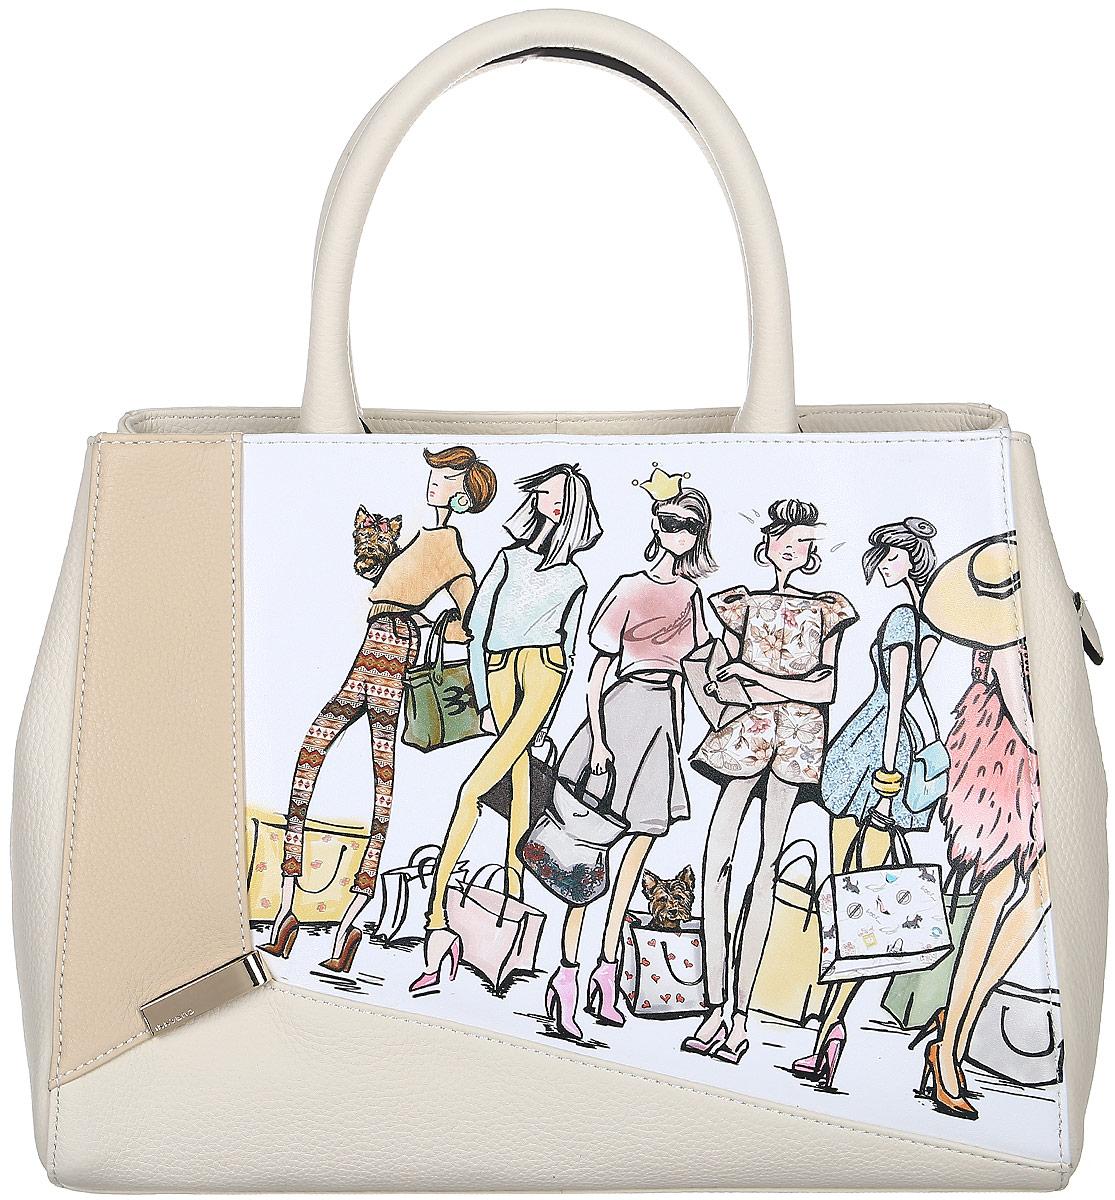 Сумка жен Curanni Пупа, цвет: бежевый. 2044BM8434-58AEЭлегантная сумка итальянского бренда Curanni от известной дизайнерской студии Sepani lab, сделана из натуральной кожи. Такая модель превосходно дополнит любой образ. Благодаря хорошей вместительности будет очень удобна для повседневного использования, что по достоинству оценит любая девушка. Внутри: один карман на потайной молнии, подойдет для документов или мелочей, другие два кармана без молнии также подойдут для мелочей или мобильного телефона. Внутри сумки два отдела разделенные карманом на молнии. Снаружи: кармана на тыльной стороне сумочки на молнии.